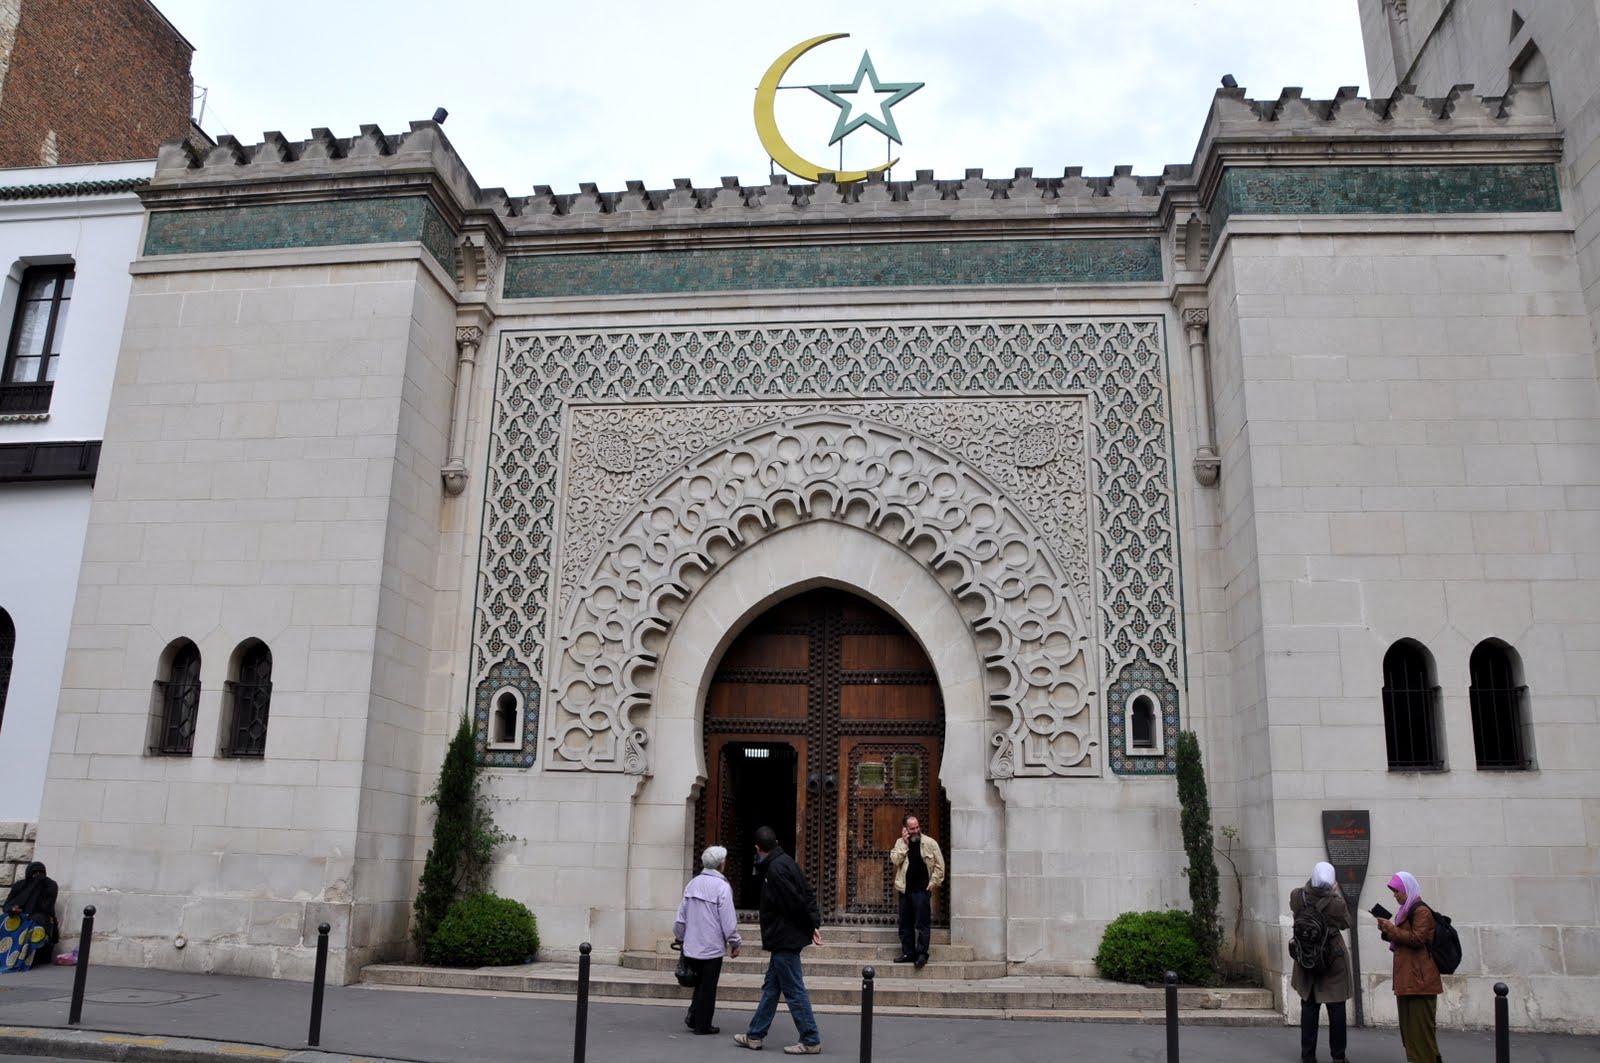 ماكرون يمهل قيادات الإسلام في فرنسا لتشكيل مجلس وطني للأئمة